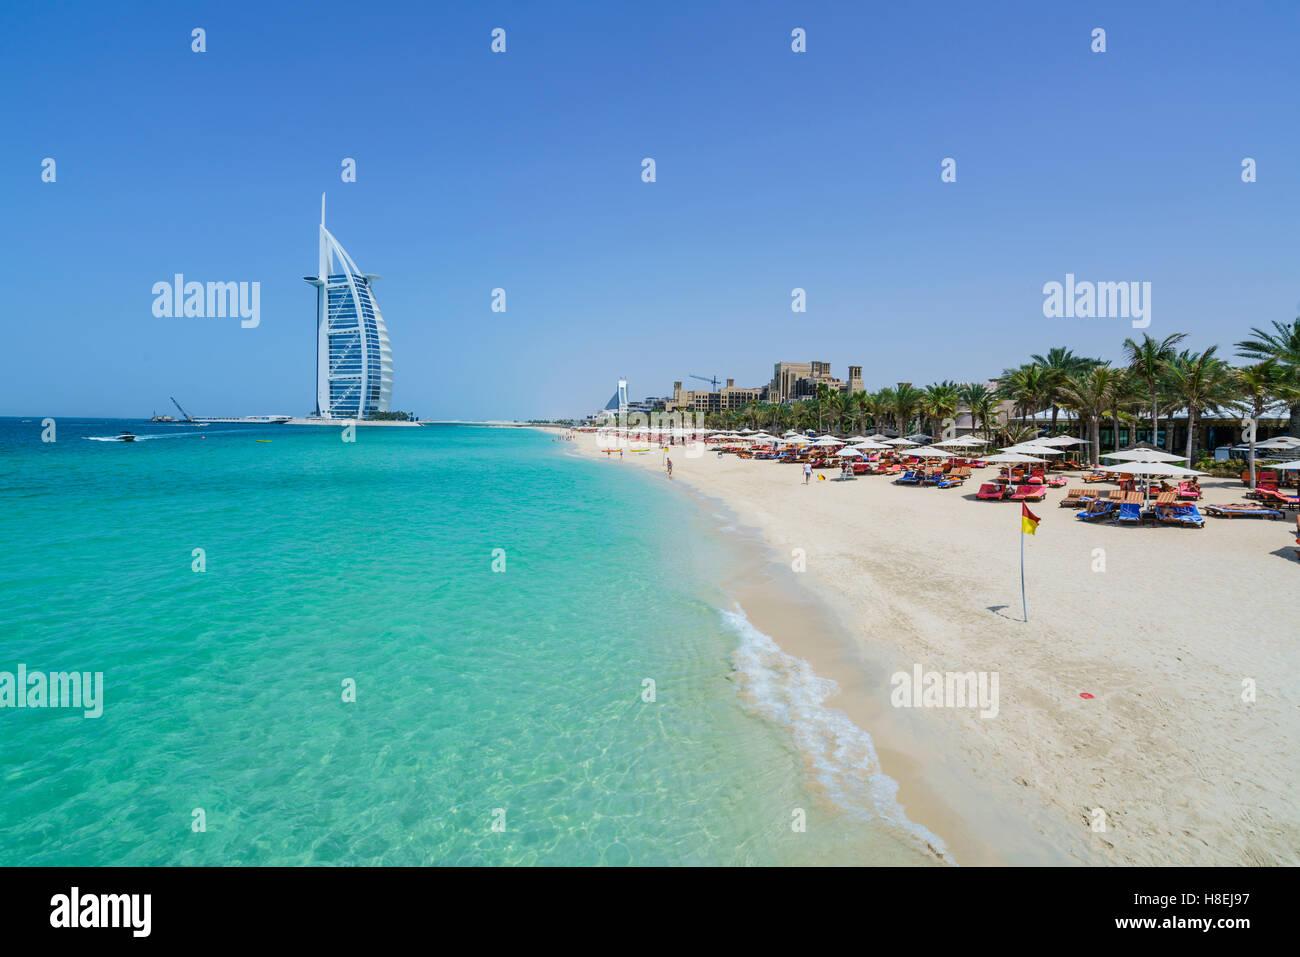 Burj Al Arab, Jumeirah Beach, Dubai, Vereinigte Arabische Emirate, Naher Osten Stockbild